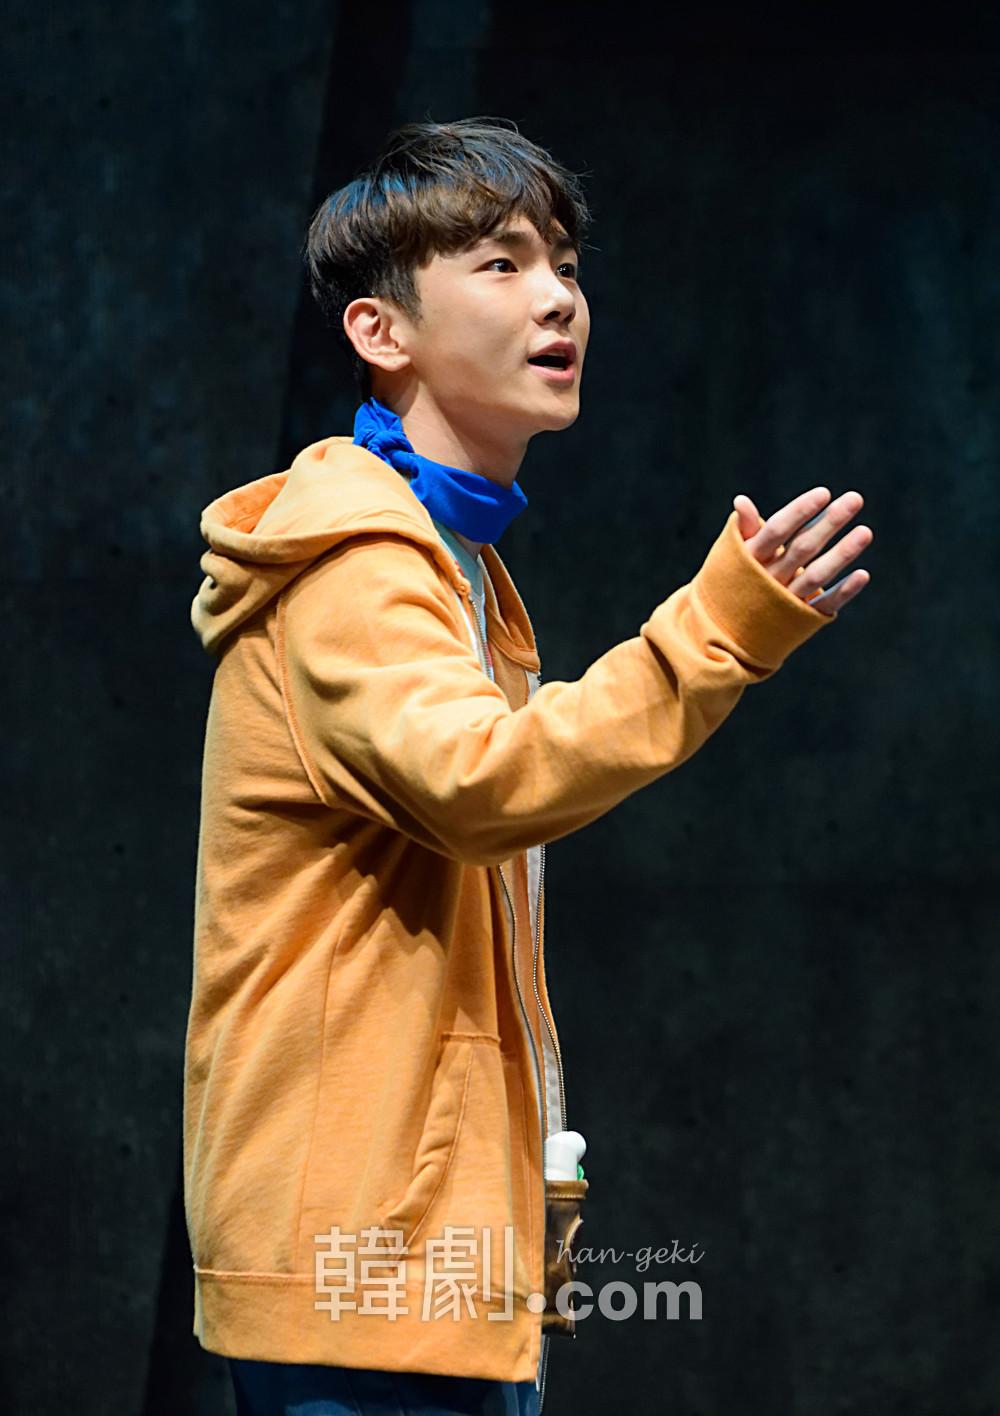 chikyu2 ビョング役を熱演するKey